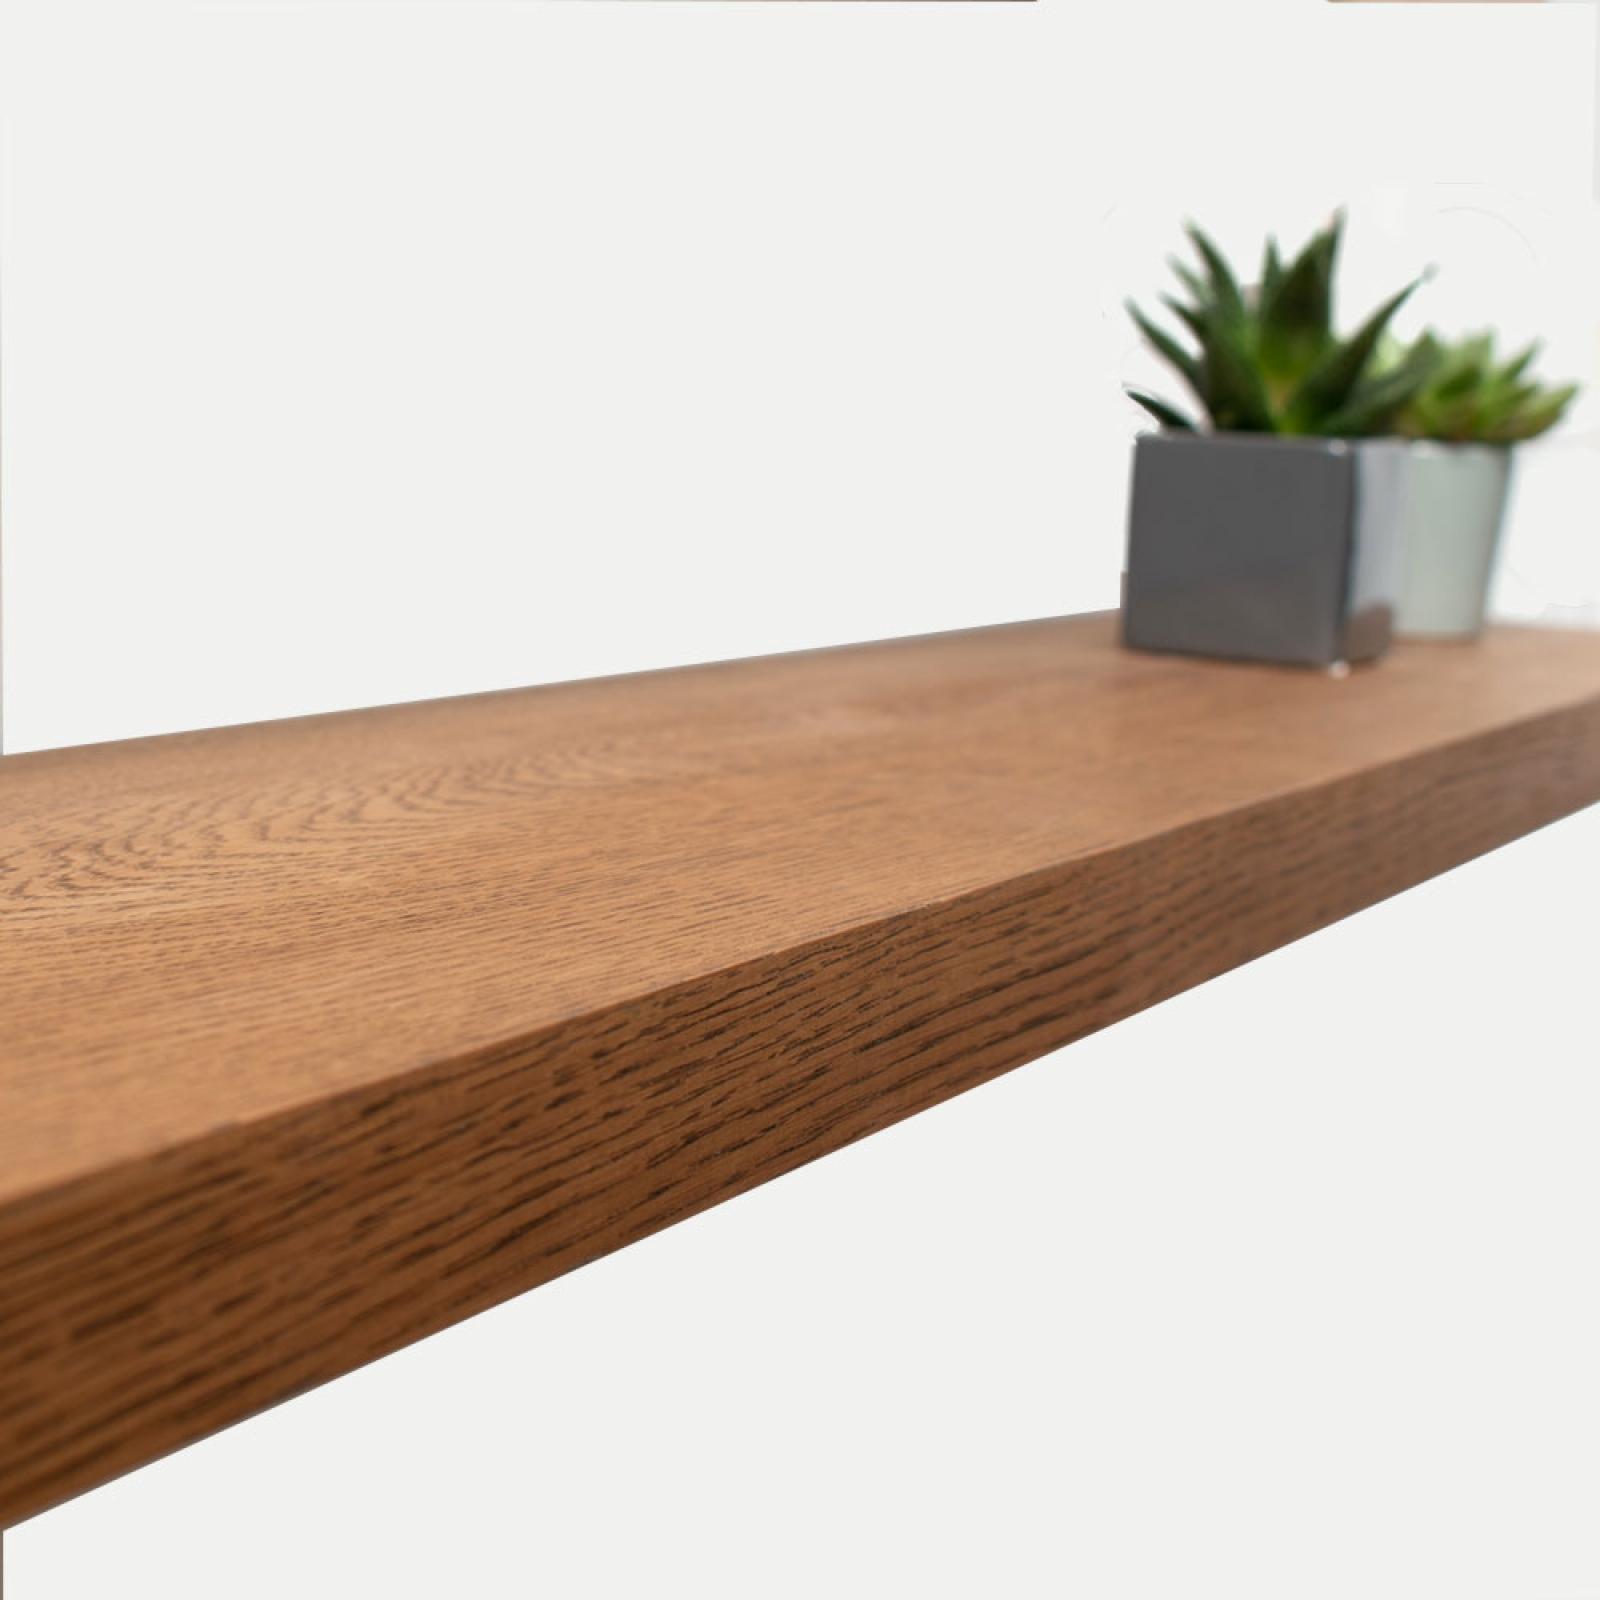 dar oak floating shelf